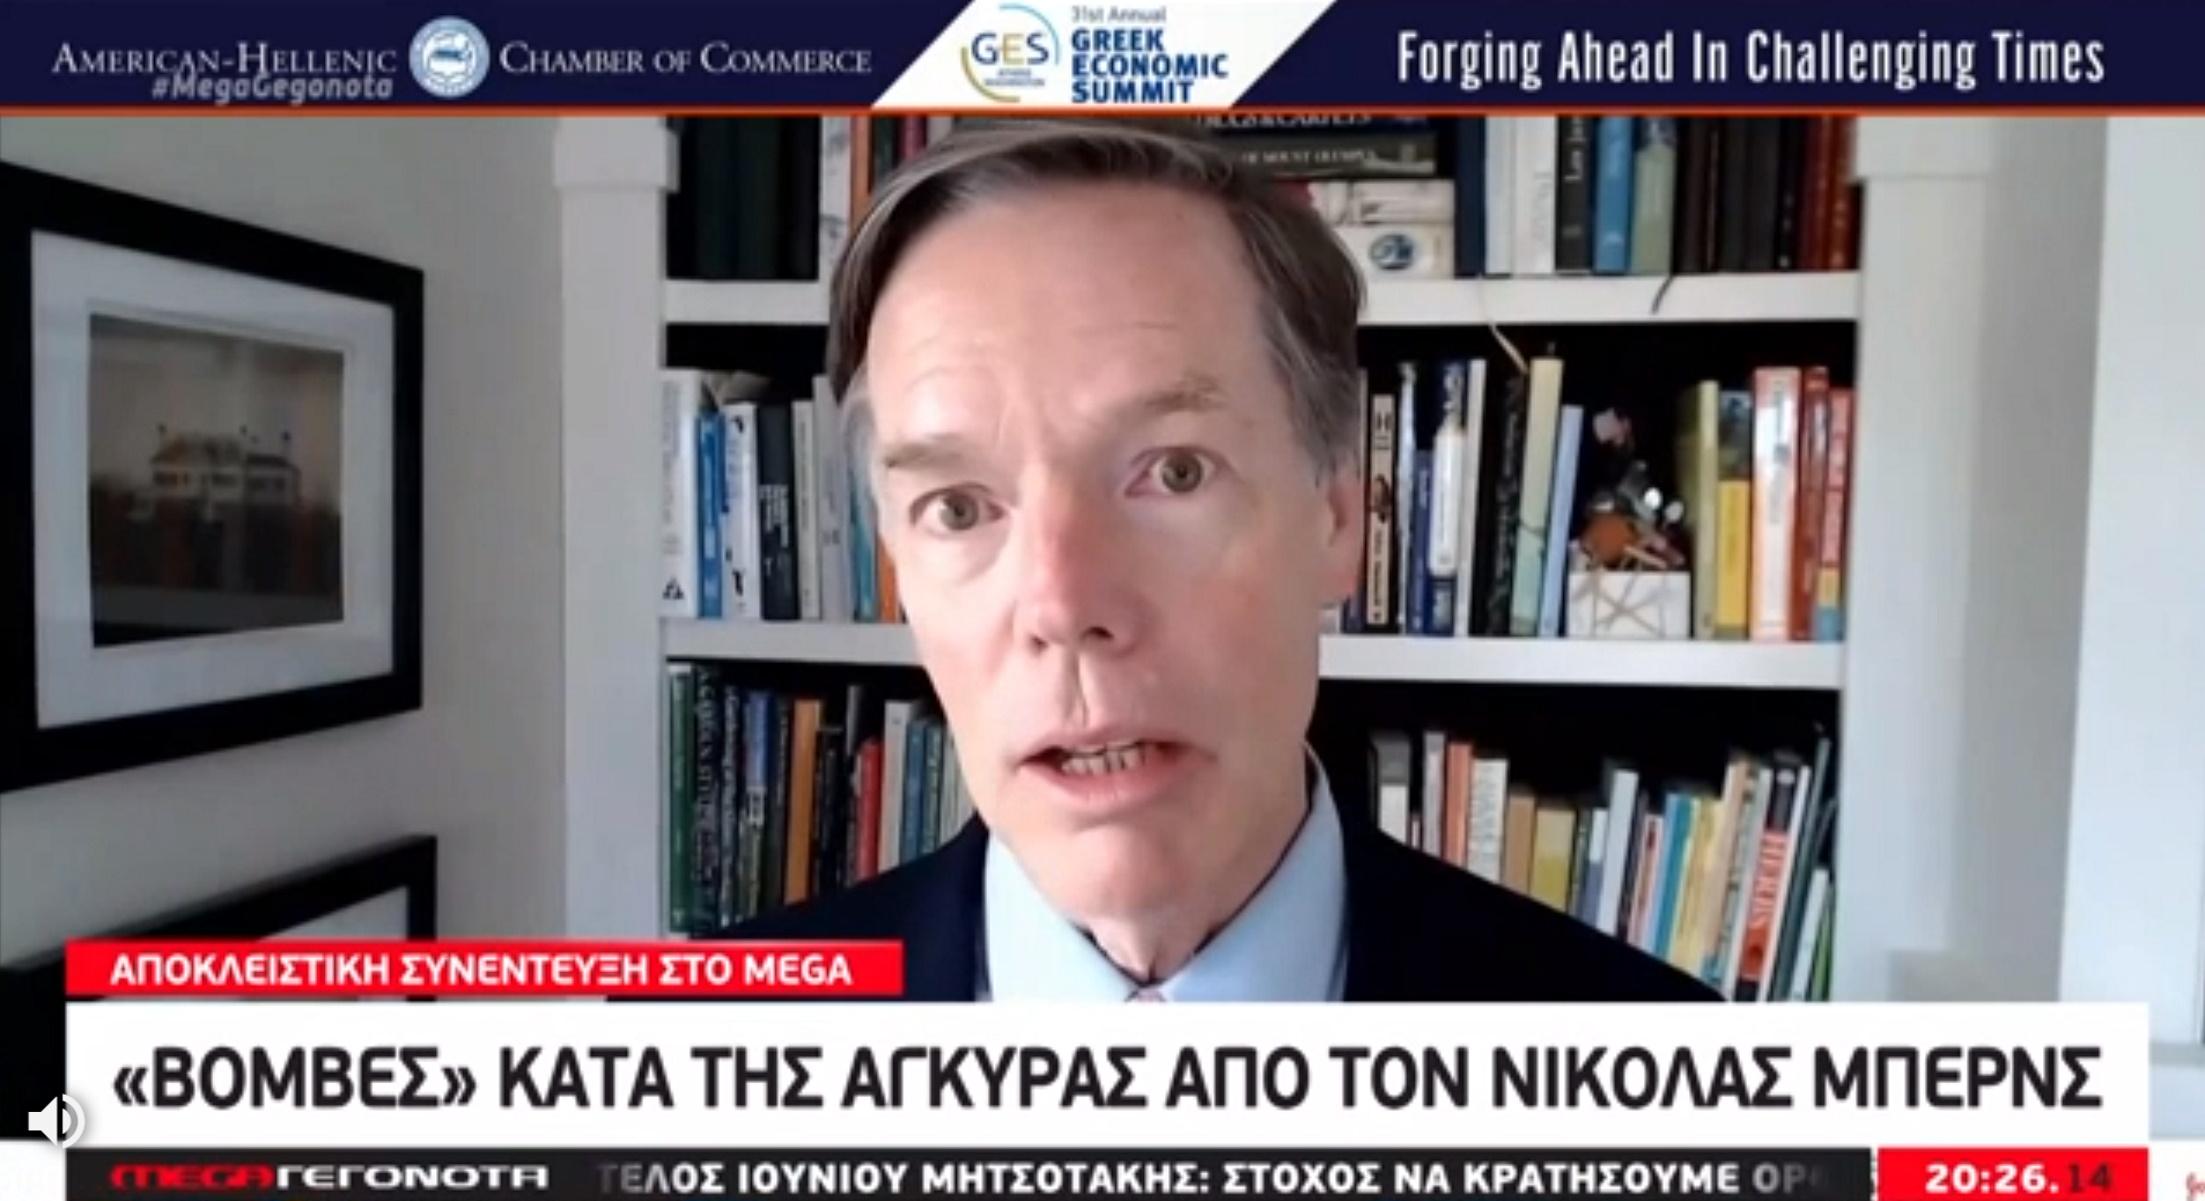 Νίκολας Μπερνς: Έξω από τα δόντια για Τουρκία και Ερντογάν – Δεν αποκλείει θερμό επεισόδιο (video)